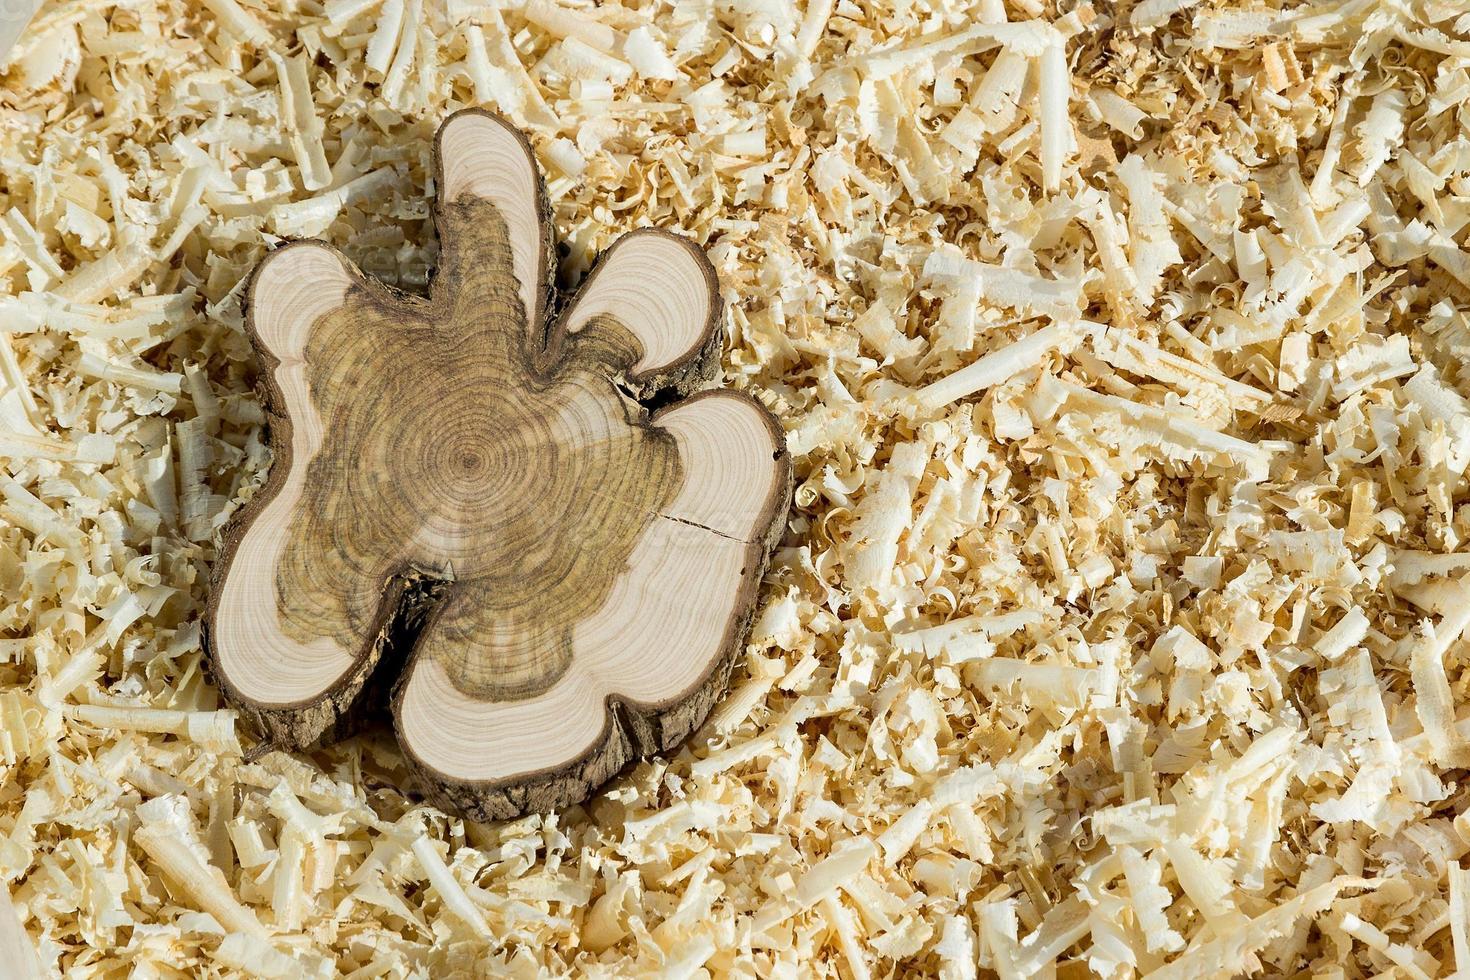 blocco di legno su trucioli foto